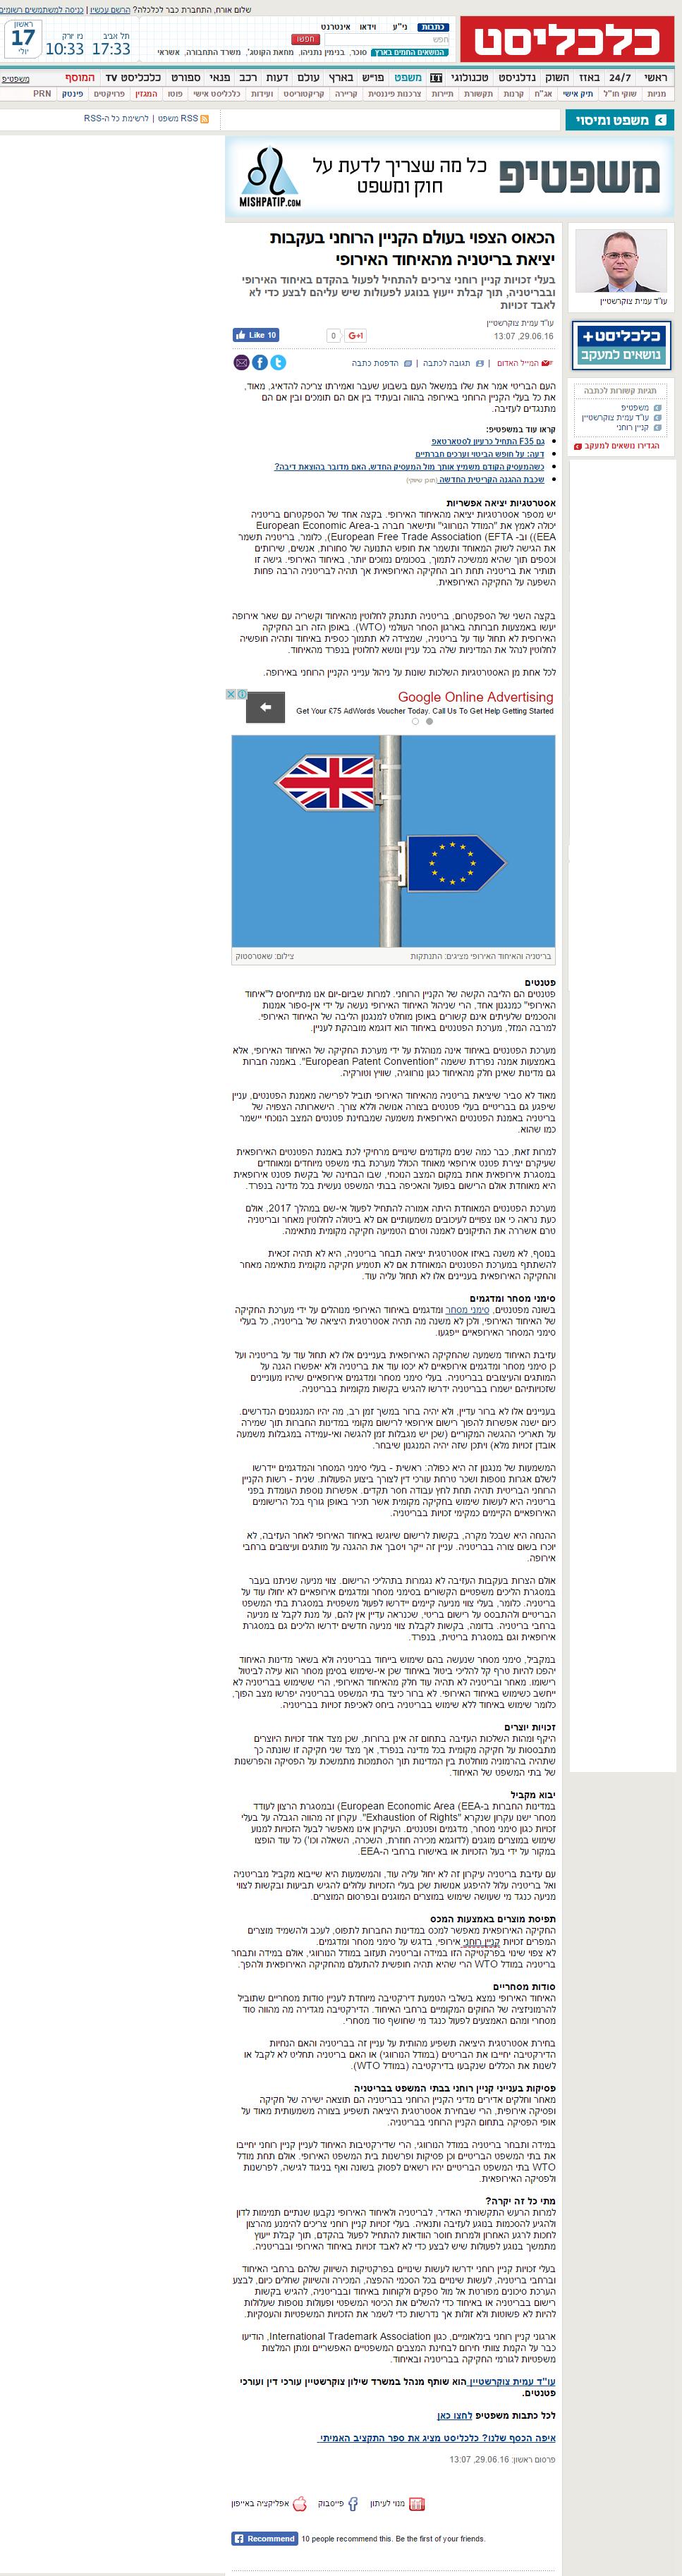 כלכליסט (אתר), 29/06/2016, הכאוס הצפוי בעולם הקניין הרוחני בעקבות יציאת בריטניה מהאיחוד האירופי